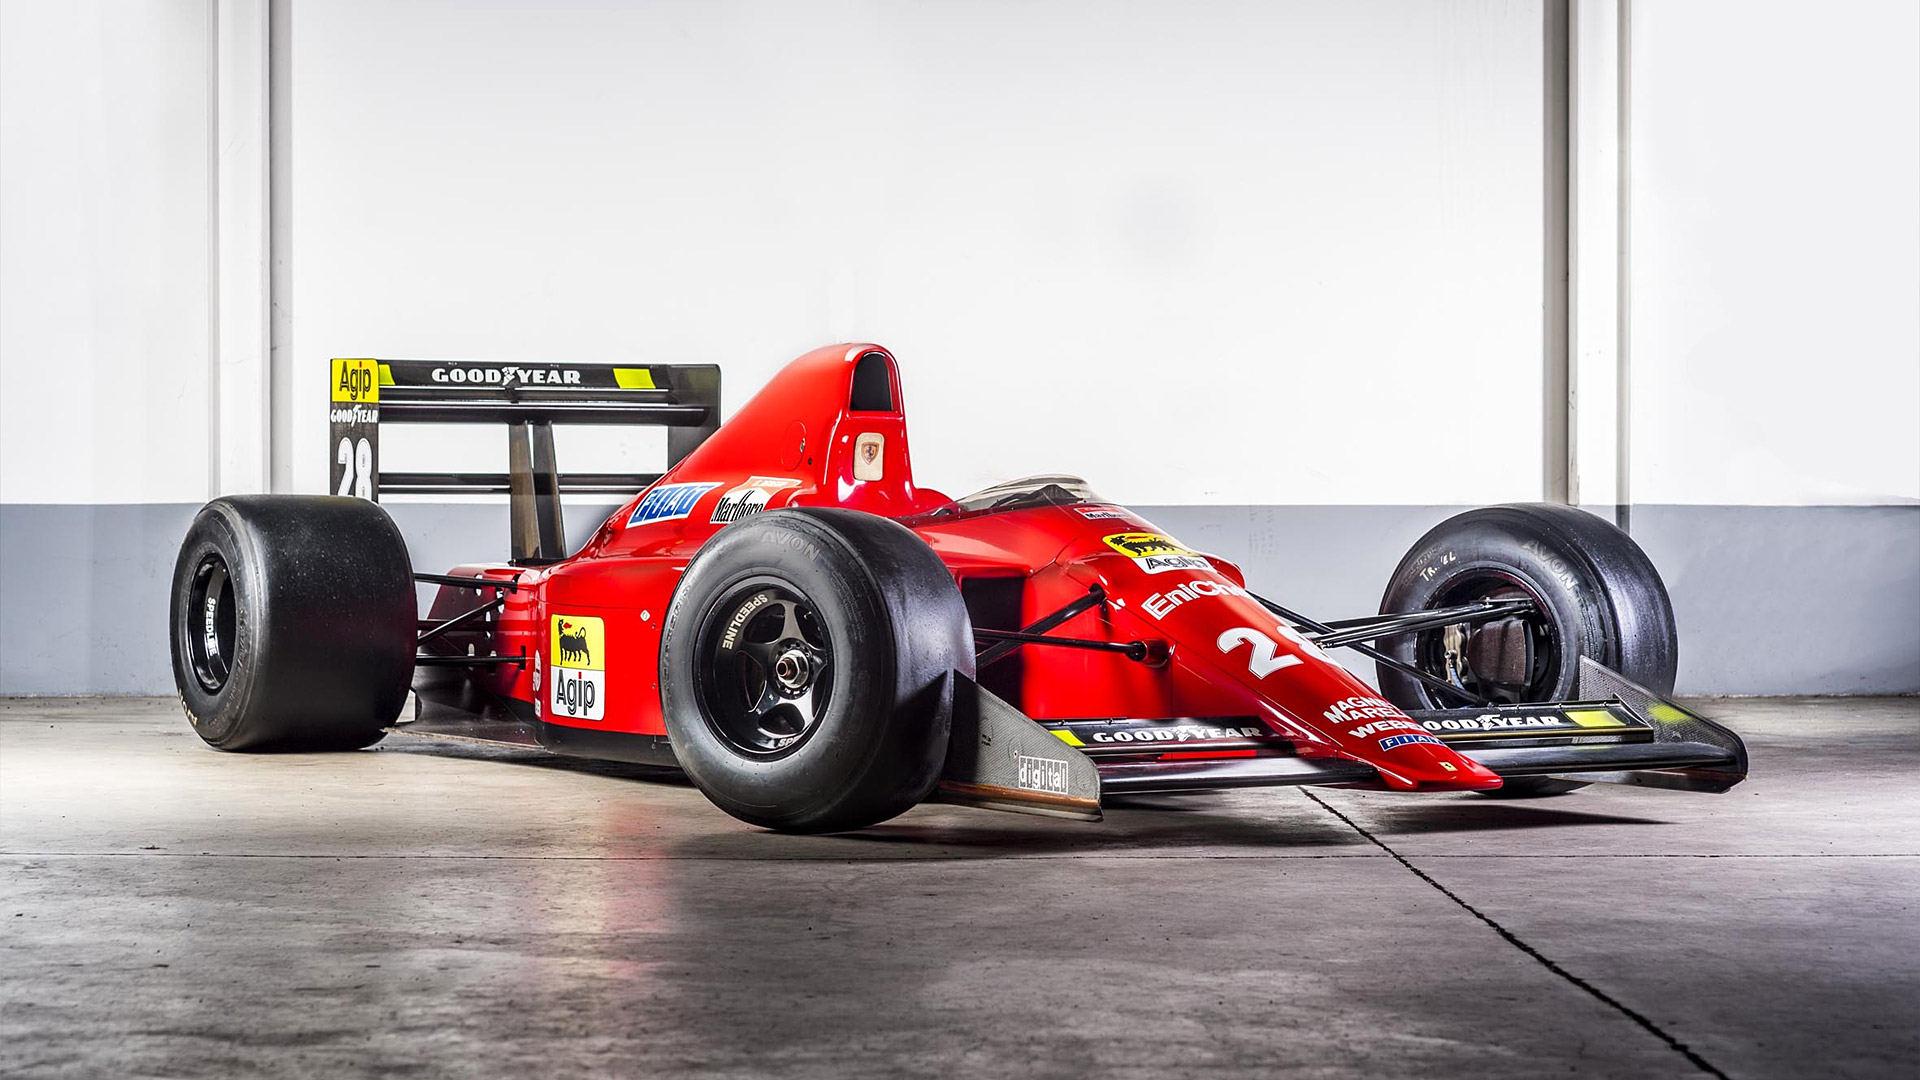 1989 Ferrari F1-89